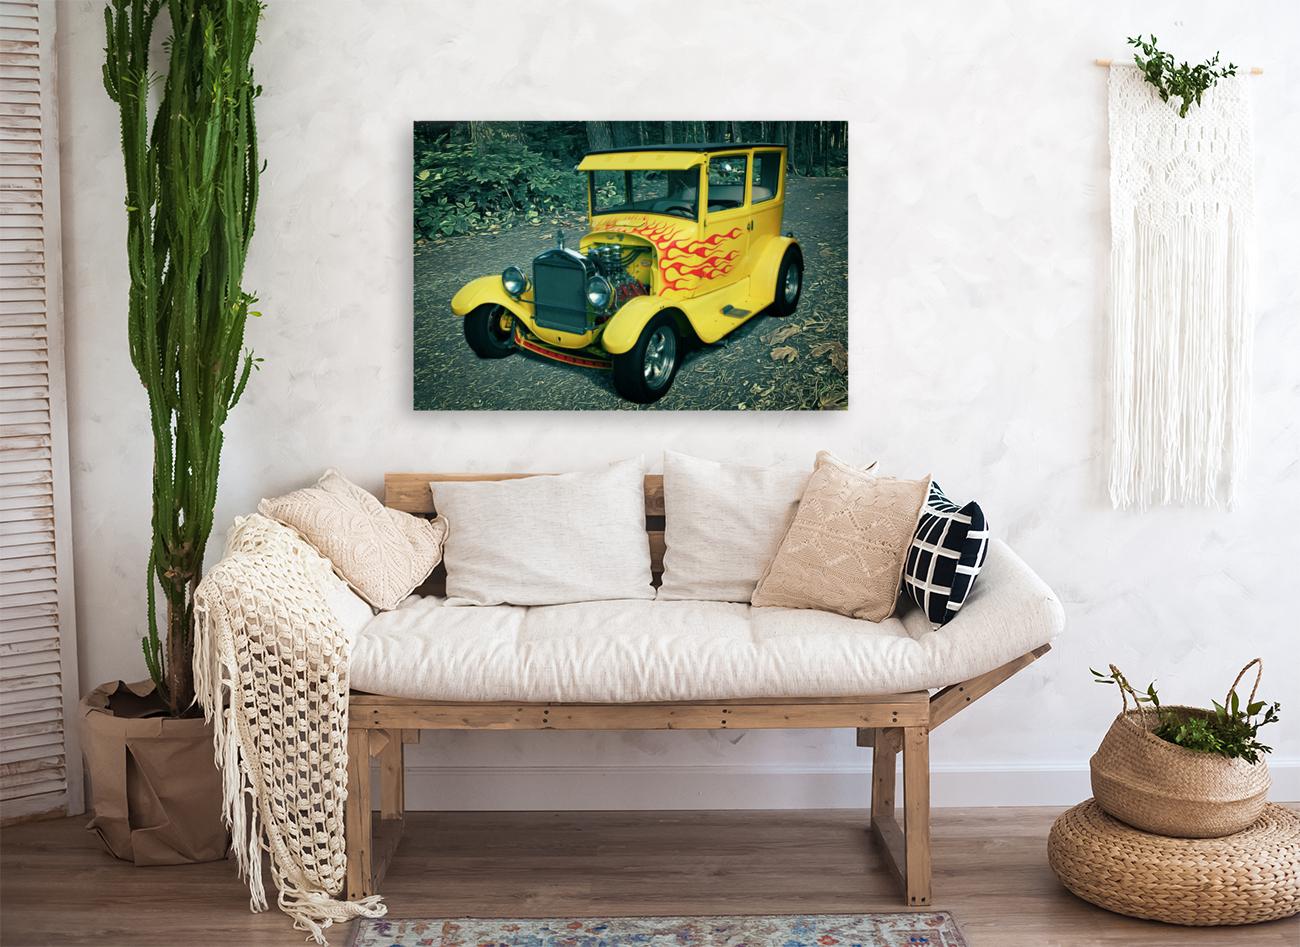 1927 Ford Model-T  Art